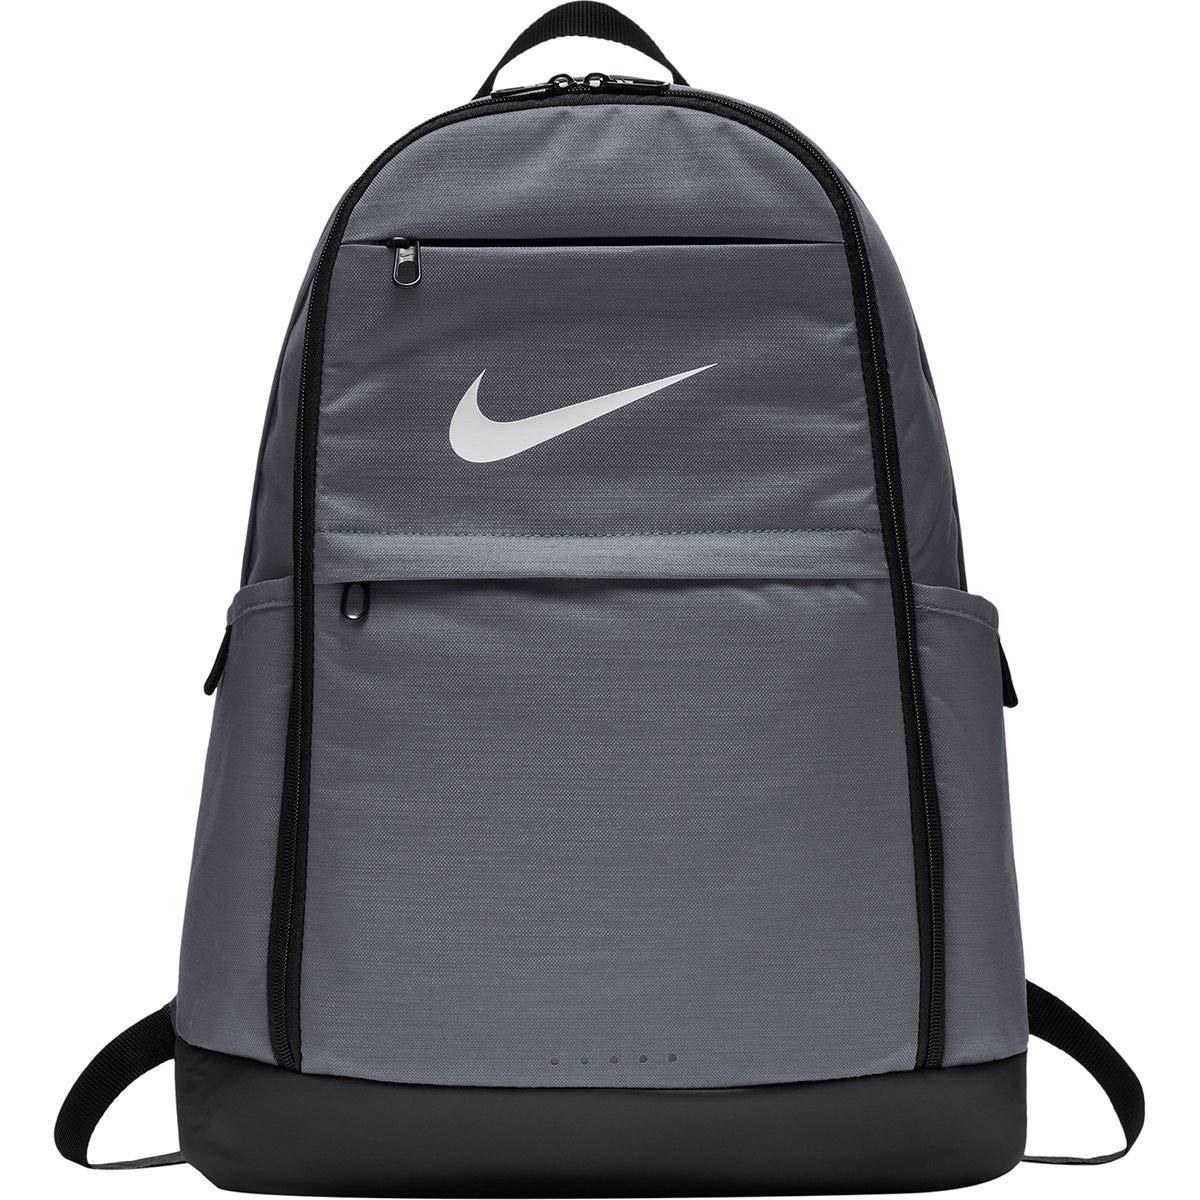 [ナイキ] メンズ バックパックリュックサック Brasilia Backpack [並行輸入品] No-Size  B07MCXSQ5B